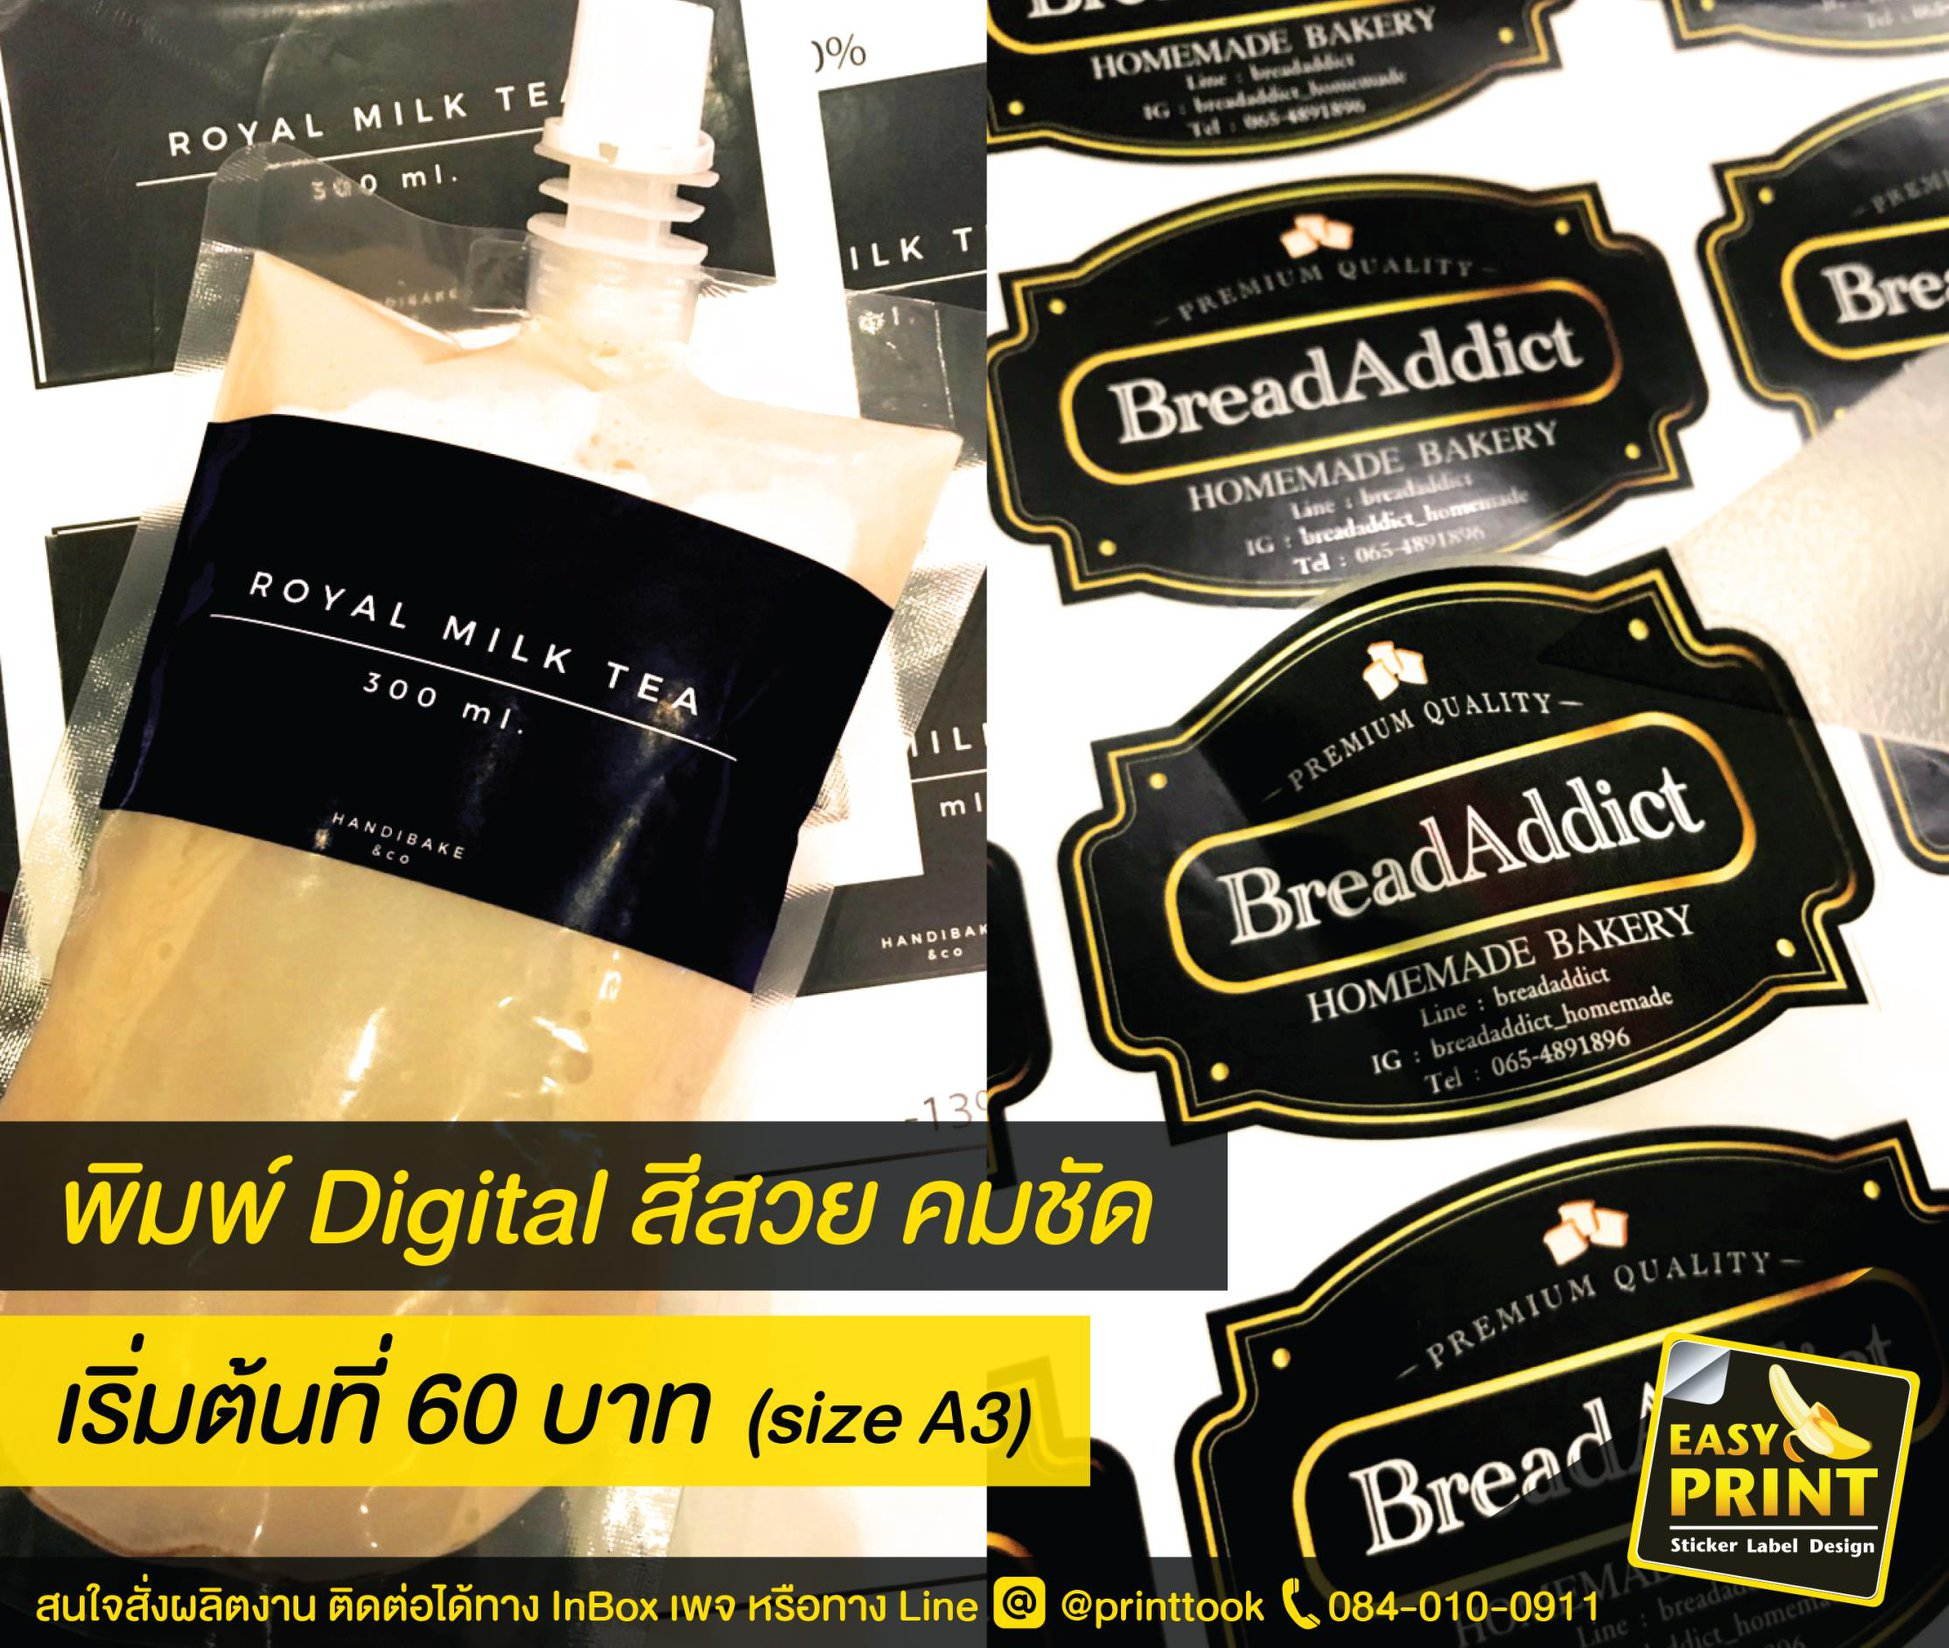 พิมพ์ Digital ให้ BreadAddict Homemade Bakery